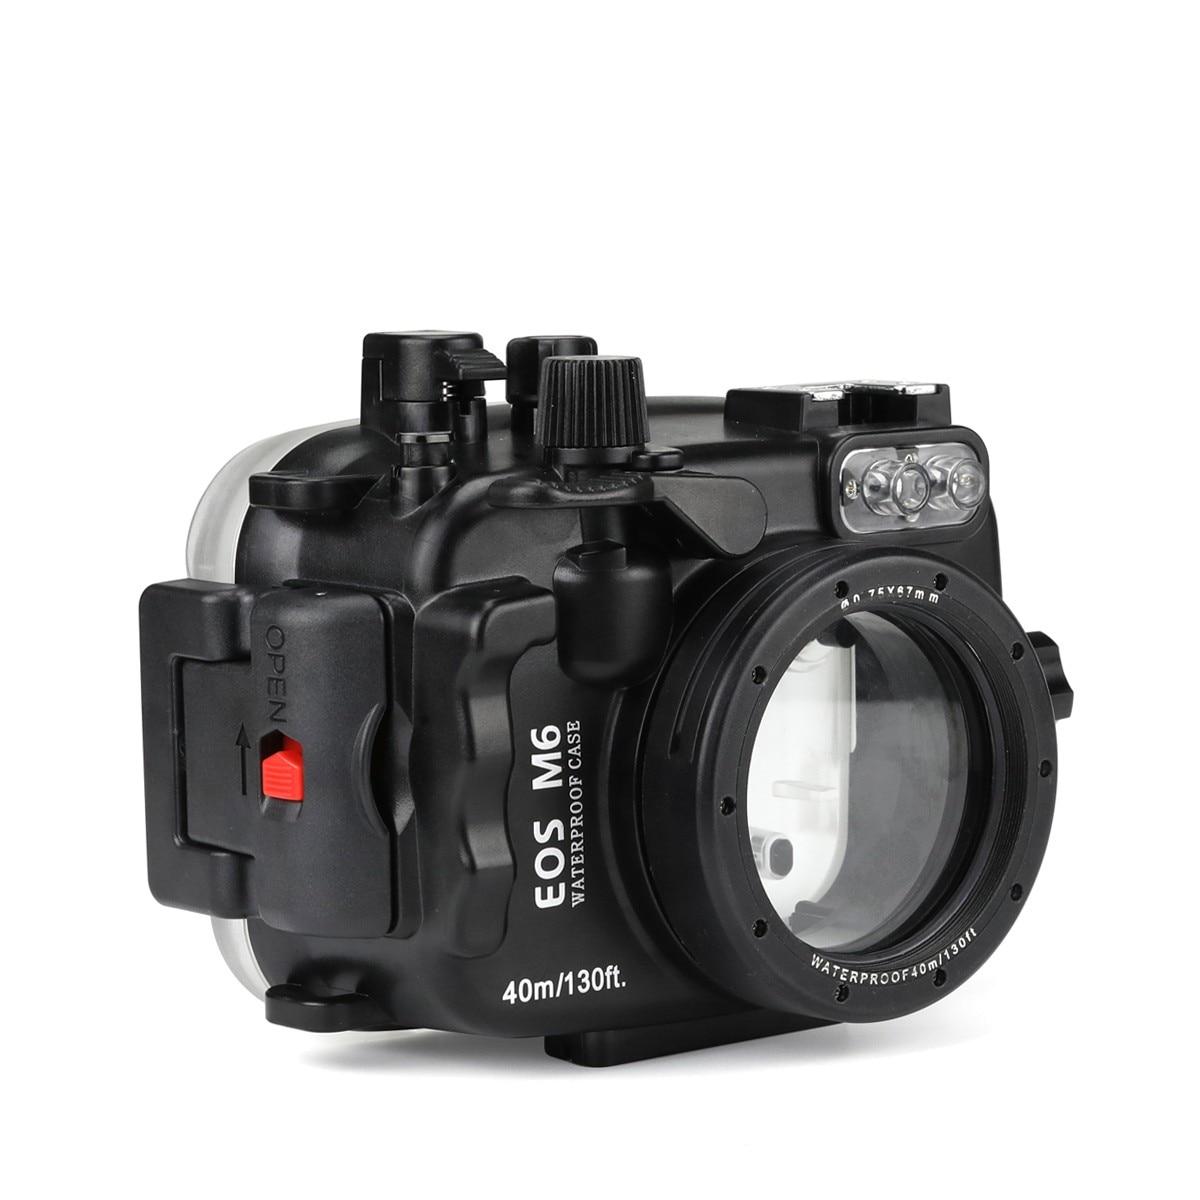 Habitação para Canon Lente da Câmera à Prova Bolsas para Canon Seafrogs Mergulho Submarino Câmera Case Eos m6 22mm d' Água 40 m – 130ft